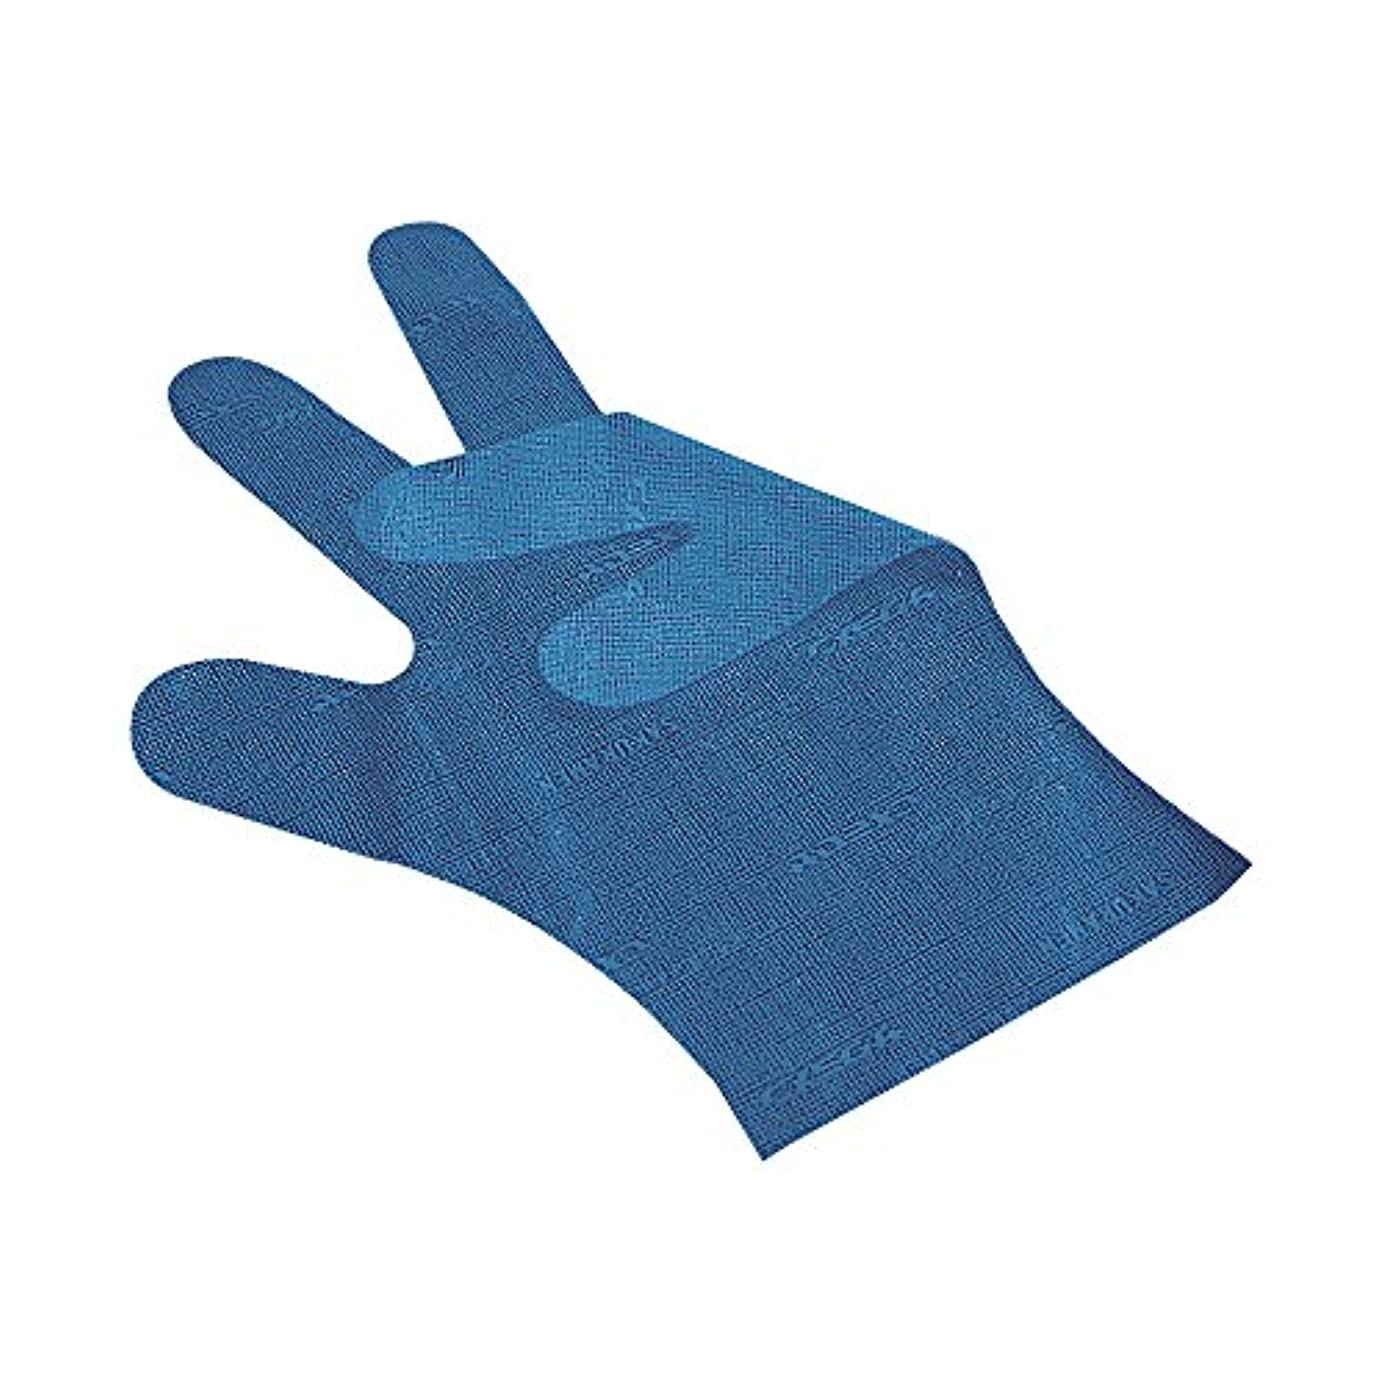 オークランド町武器サクラメンエンボス手袋 デラックス ブルー M 100枚入